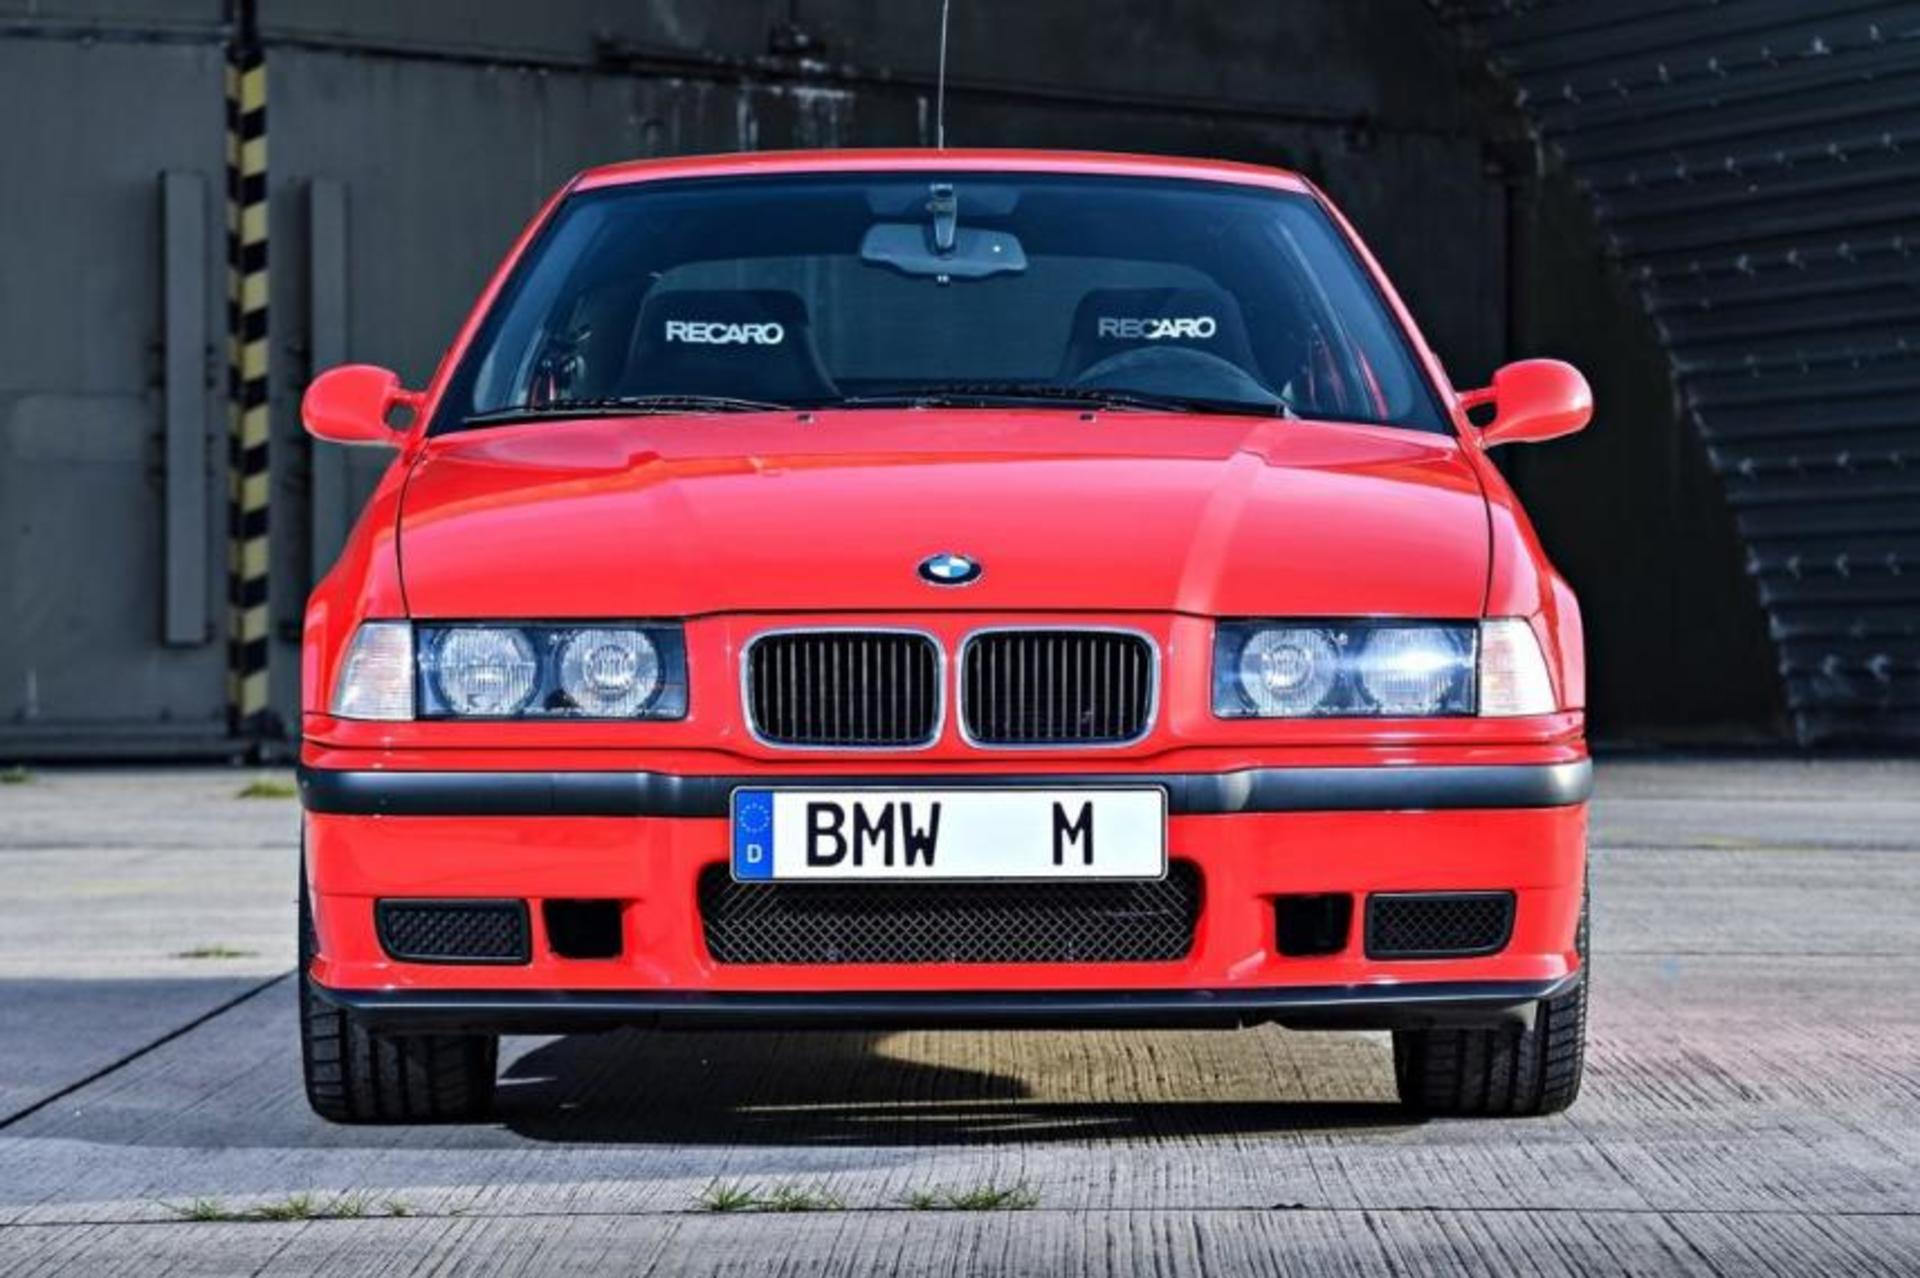 Bmw E36 M3 Compact 2344541